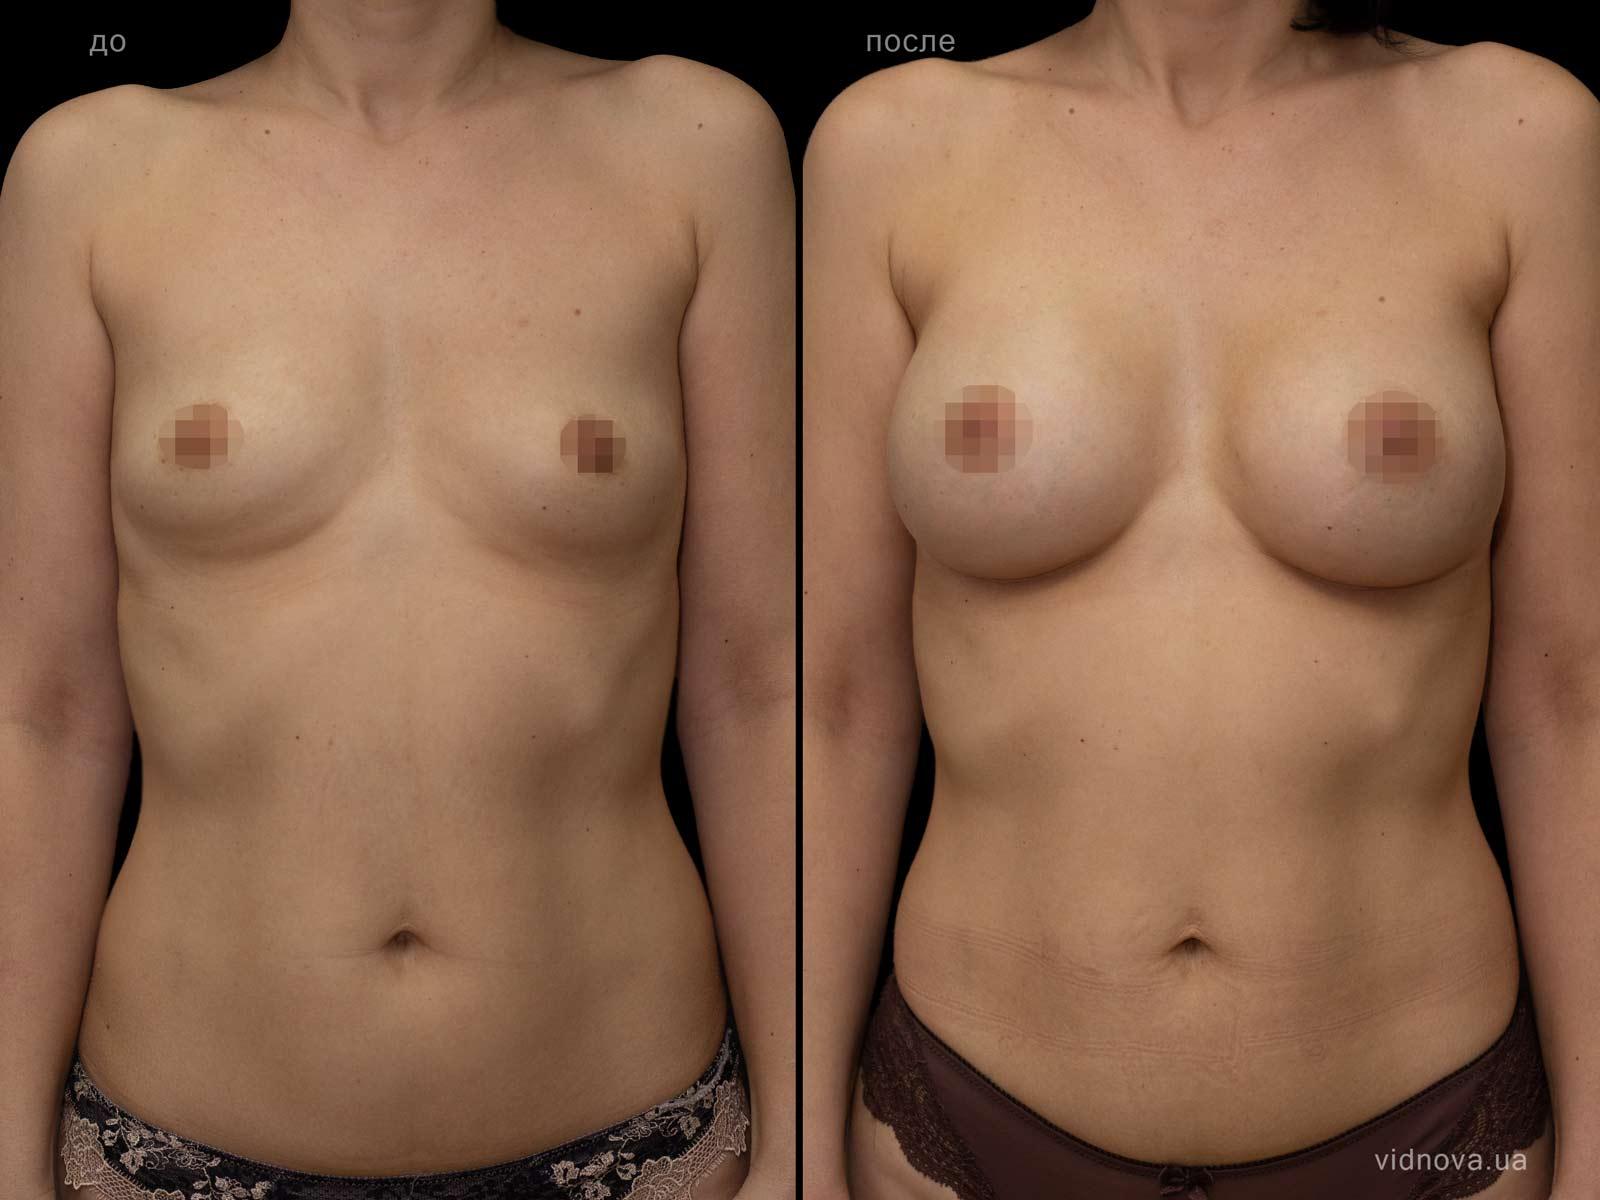 Пластика груди: результаты до и после - Пример №101-0 - Светлана Работенко